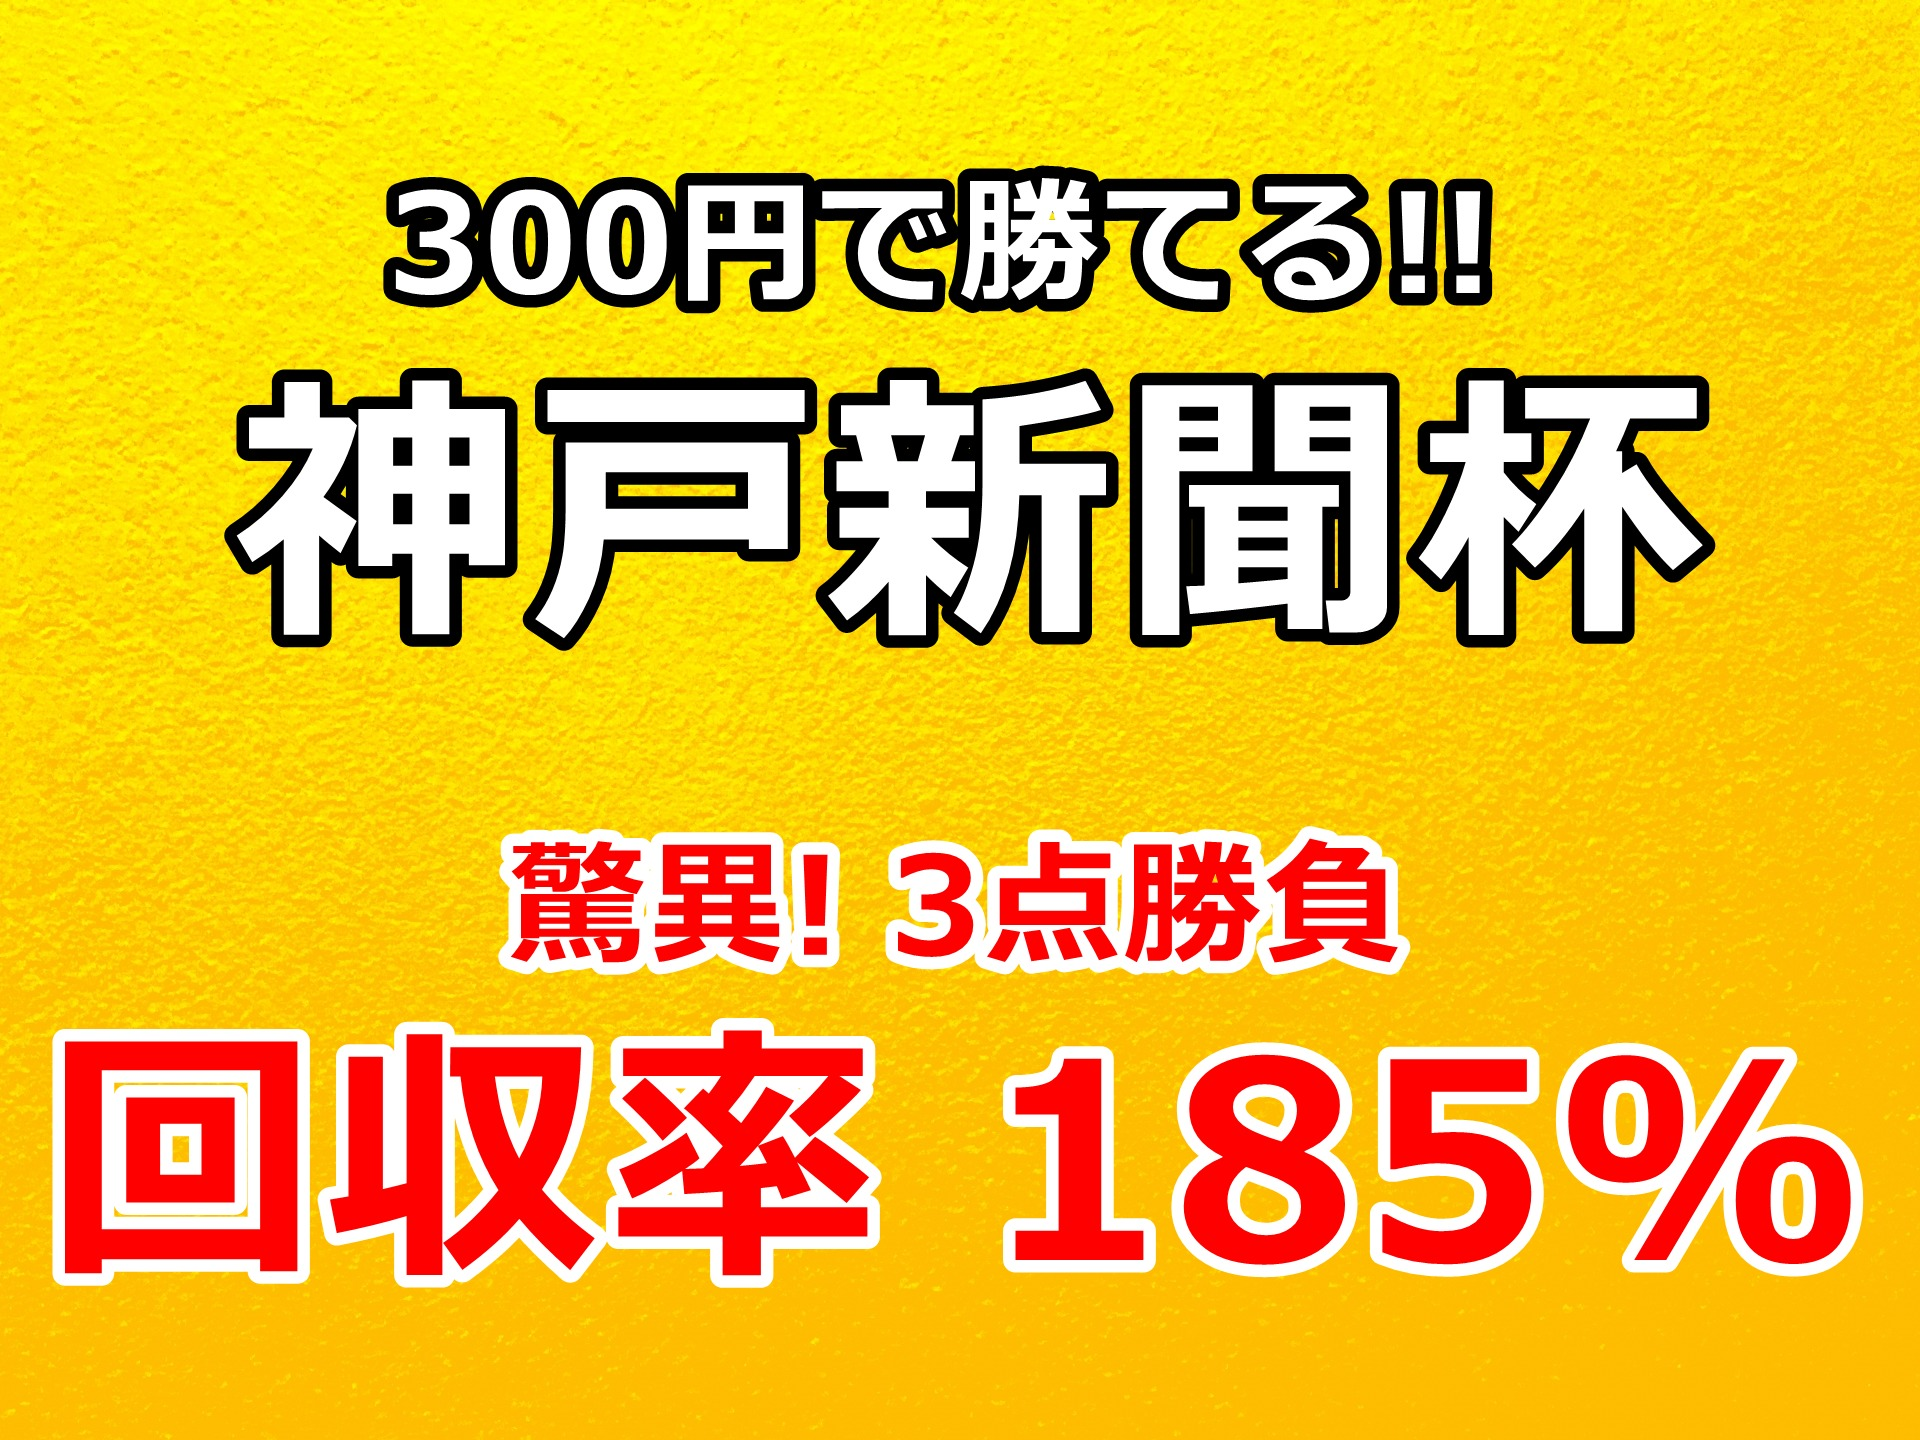 神戸新聞杯2020 予想 3点勝負【驚異! 年間回収率 185%】